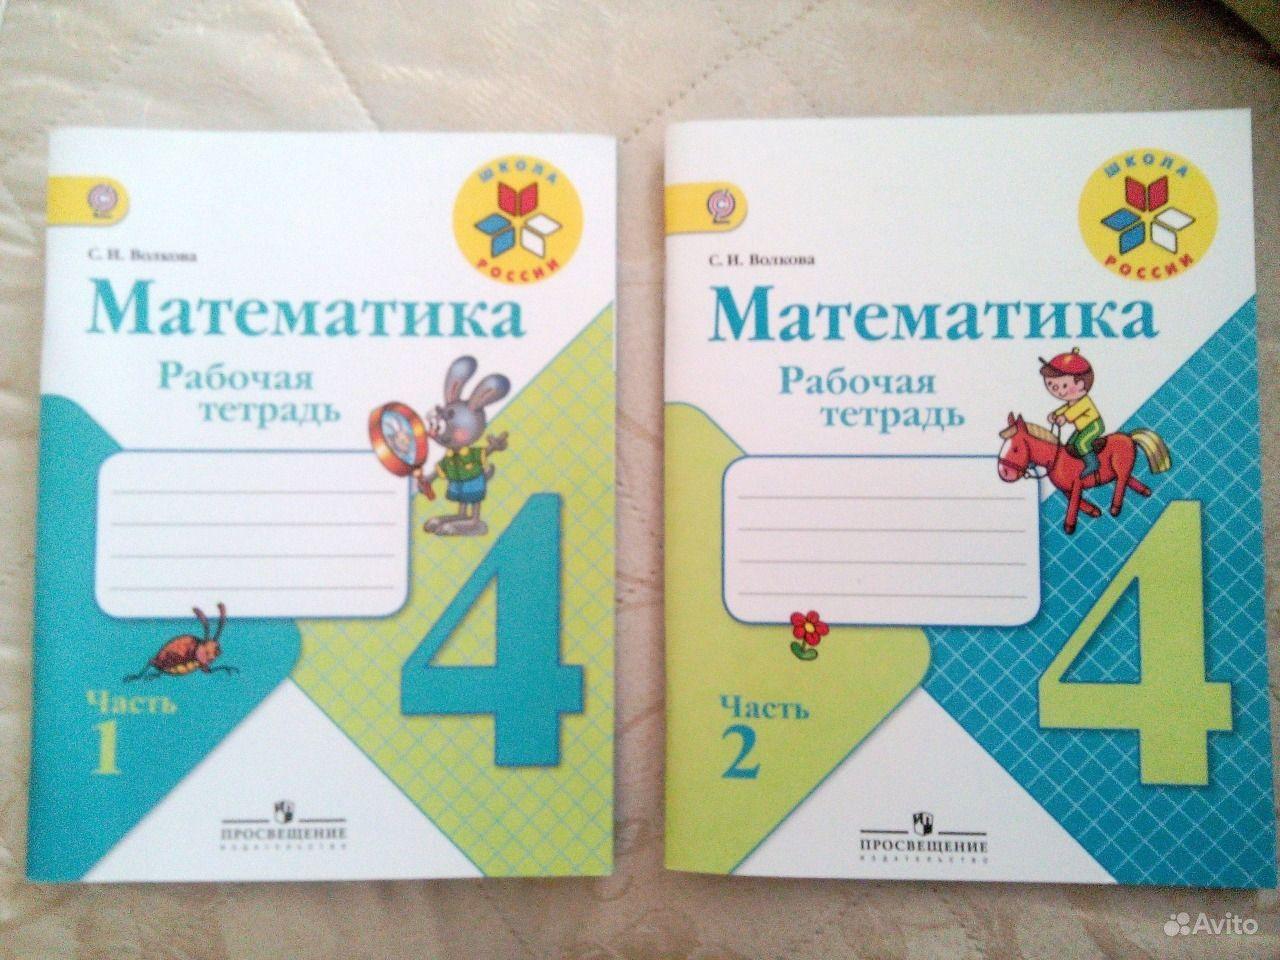 часть с.и.волкова 2 русскому гдз рабочая класса по для 4 тетрадь